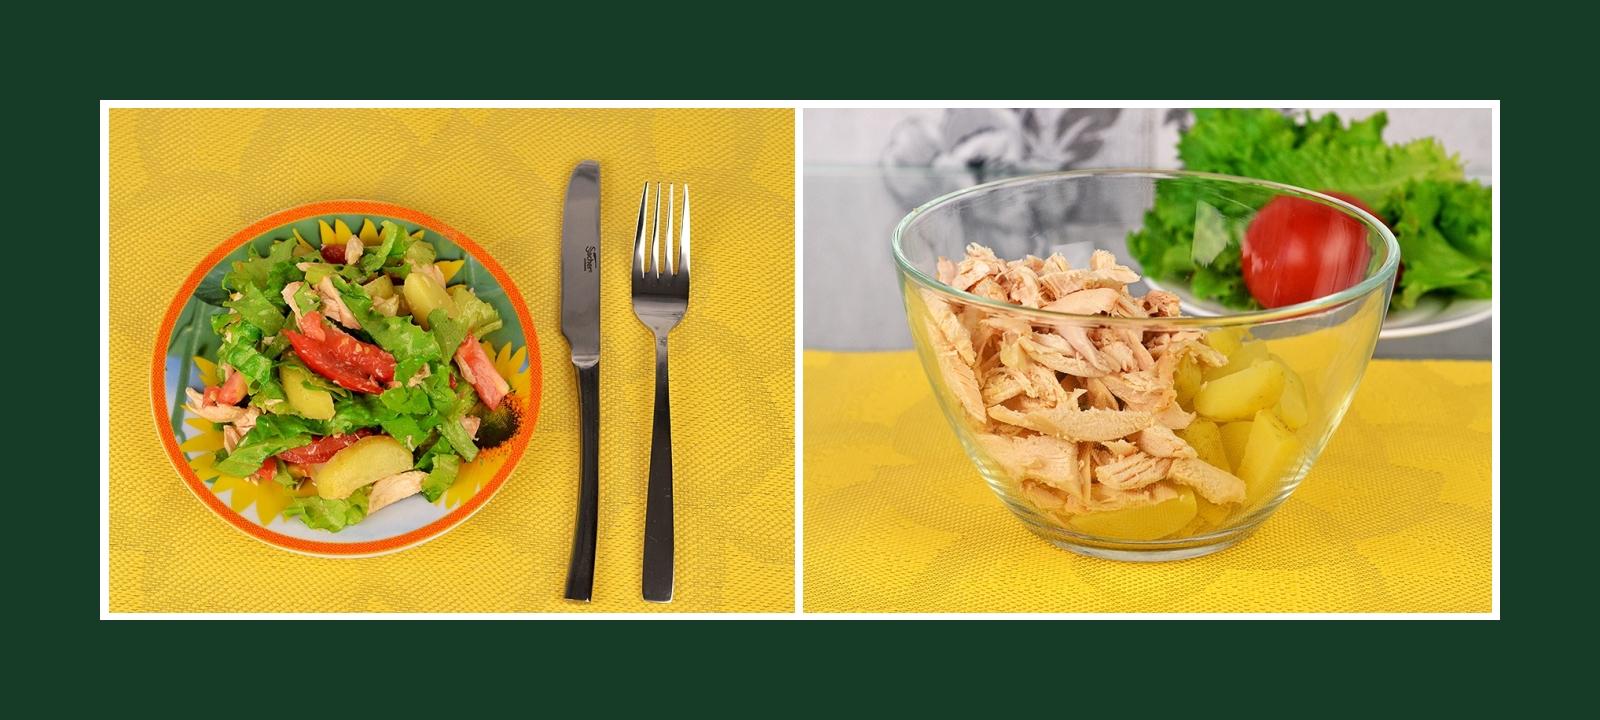 Salat mit Hähnchenfilet und Frühkartoffeln